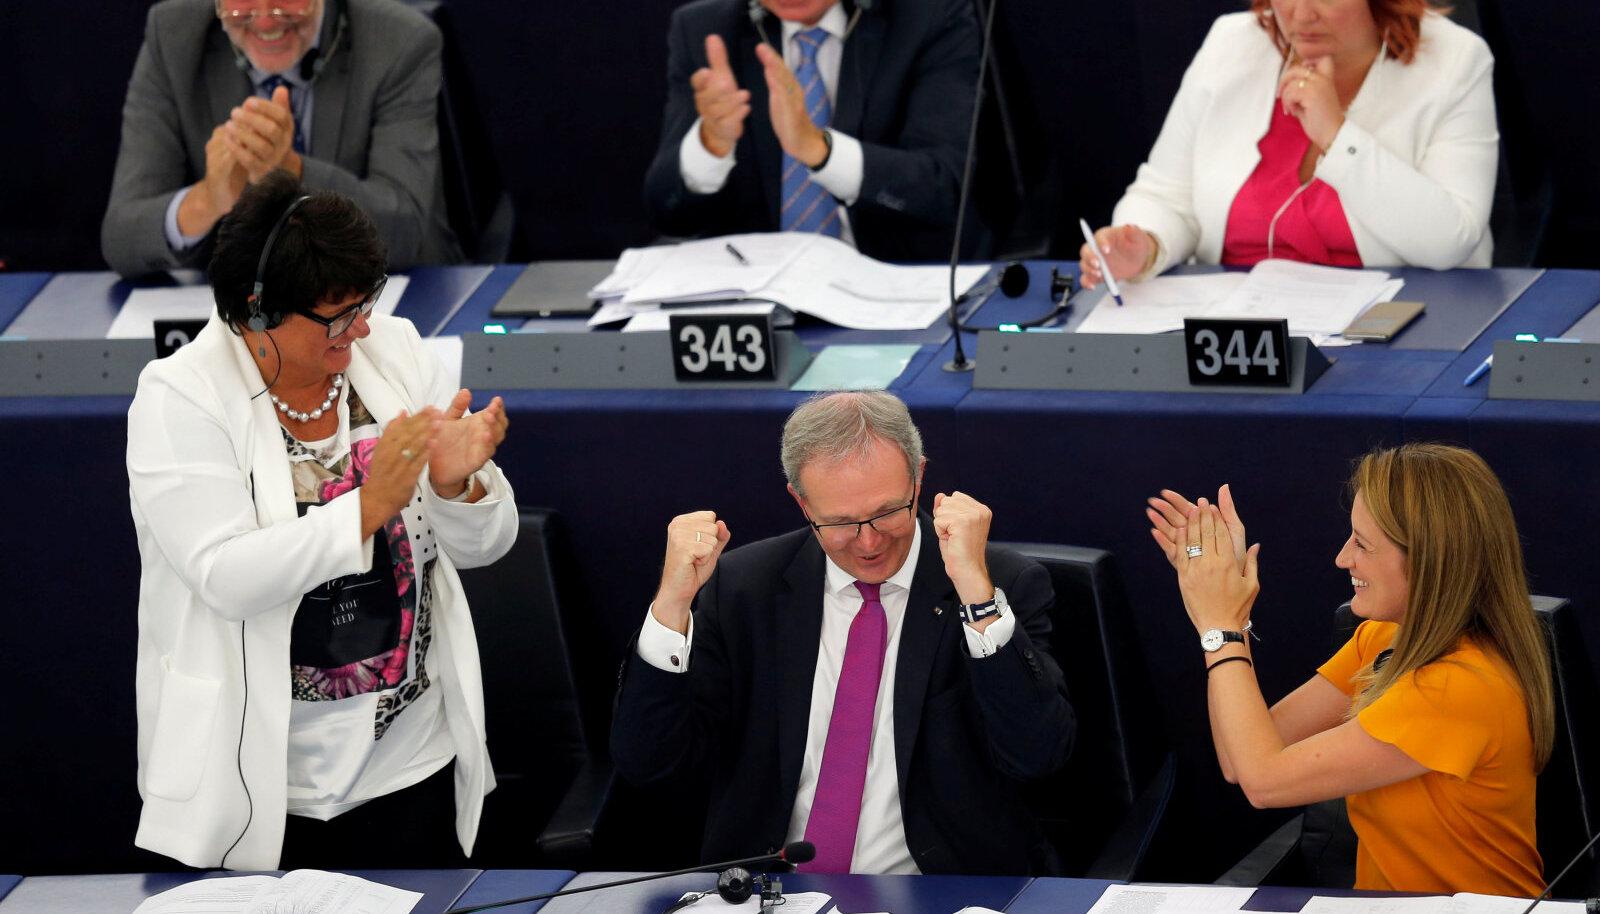 Axel Voss tähistamas pärast üht autoriõigusseaduste muudatuste hääletusvooru